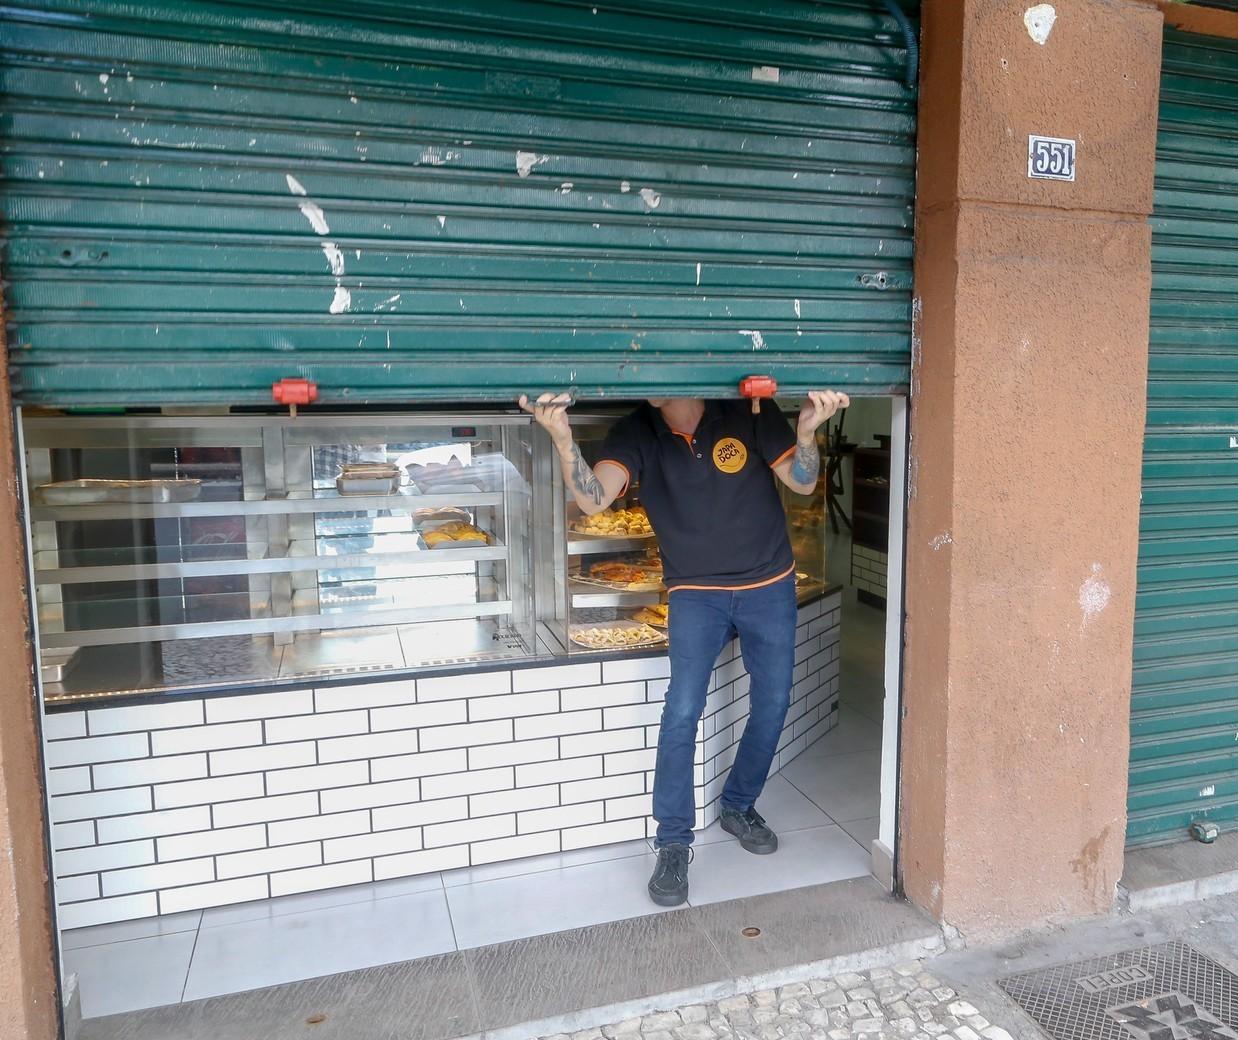 Decreto do Estado não obriga fechamento de açougues, padarias e mercearias